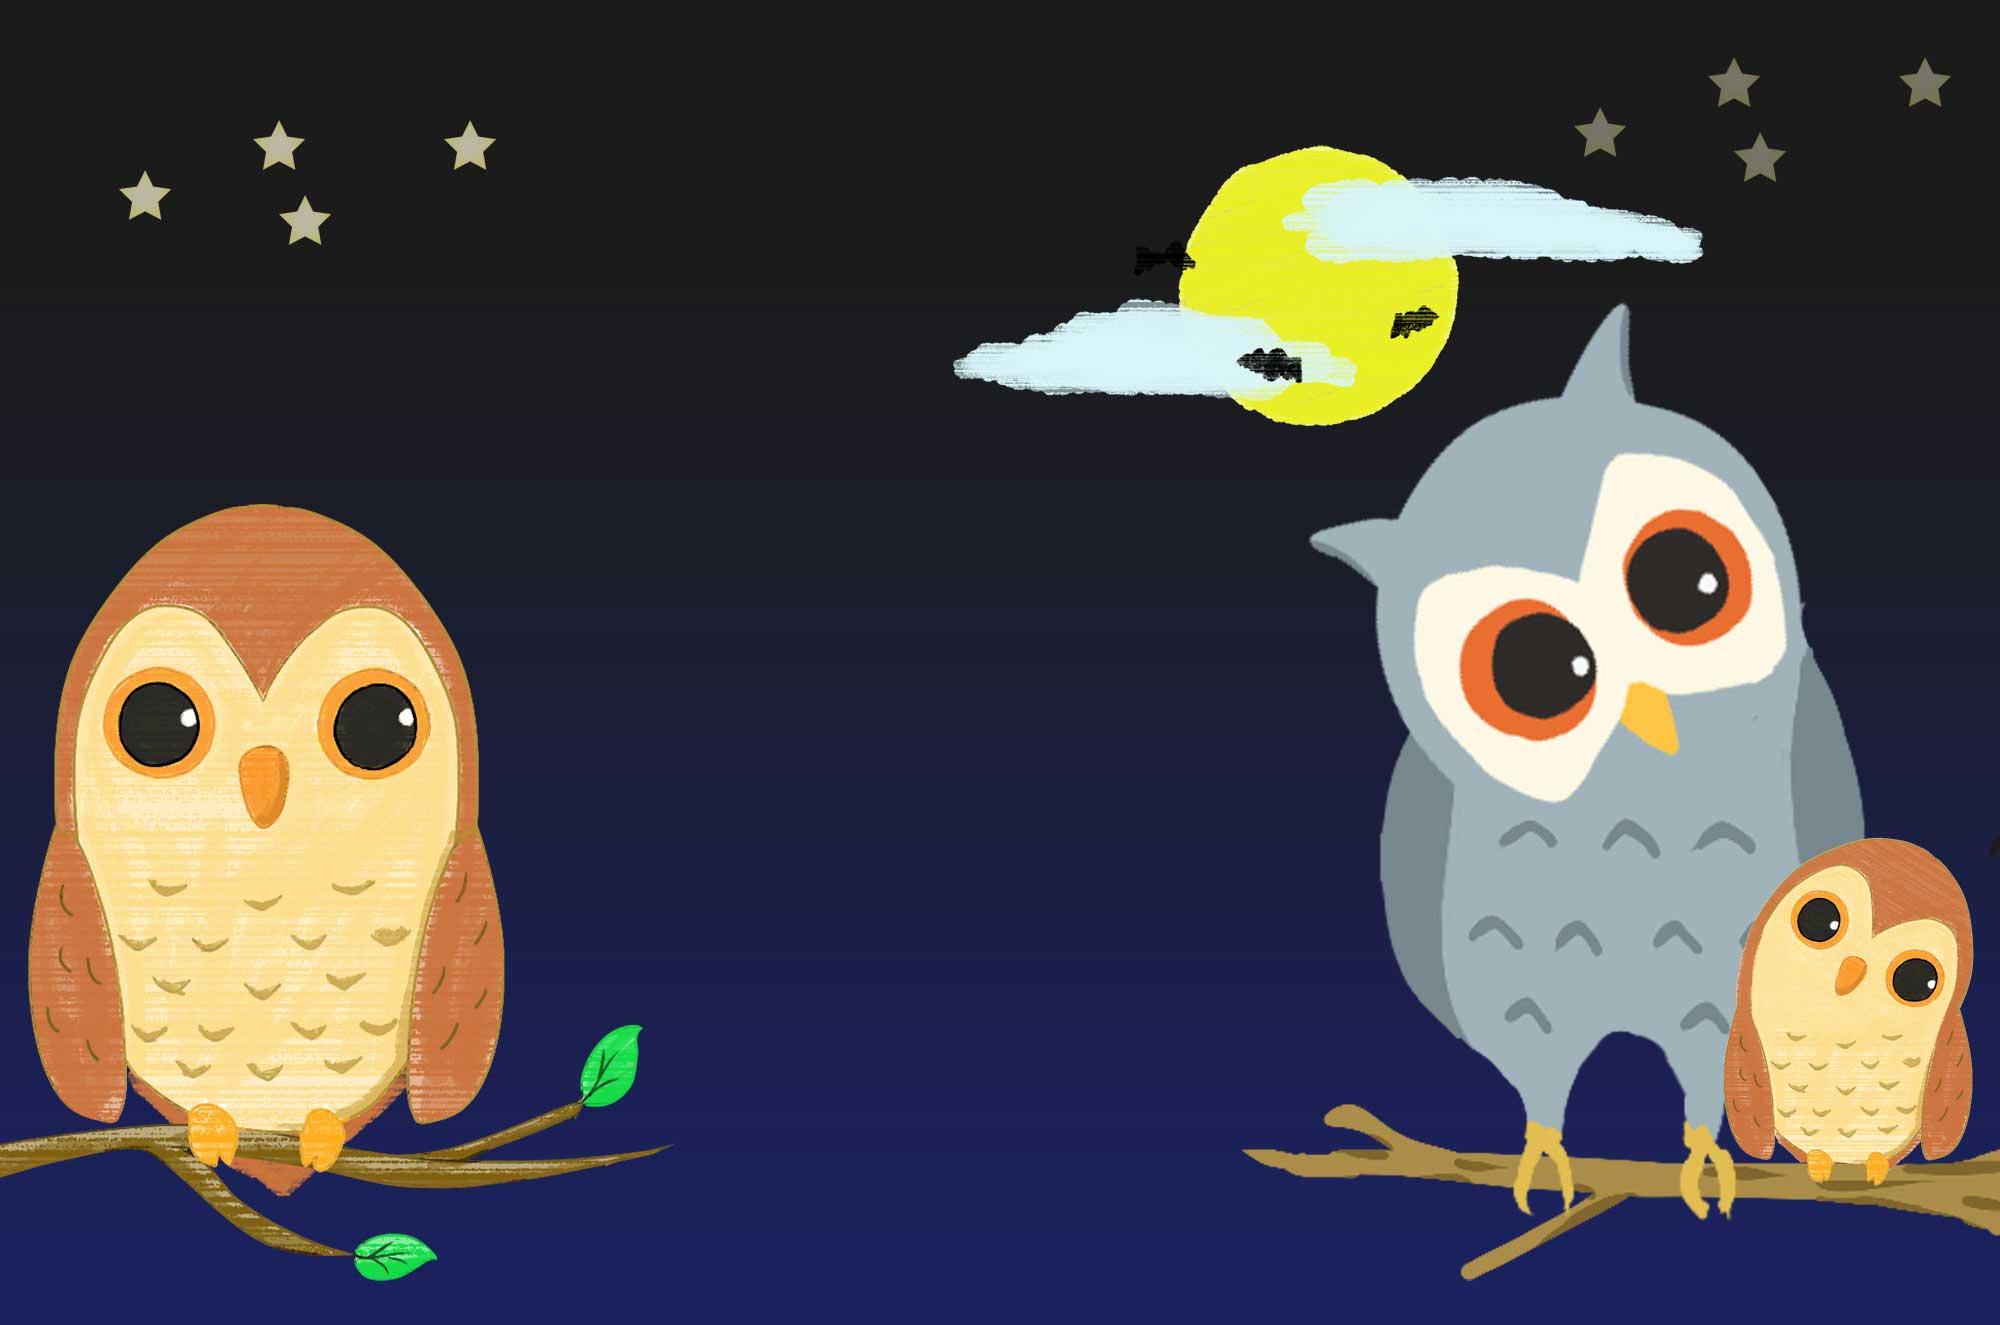 フクロウのイラスト - 月と夜のかわいい鳥の画像集